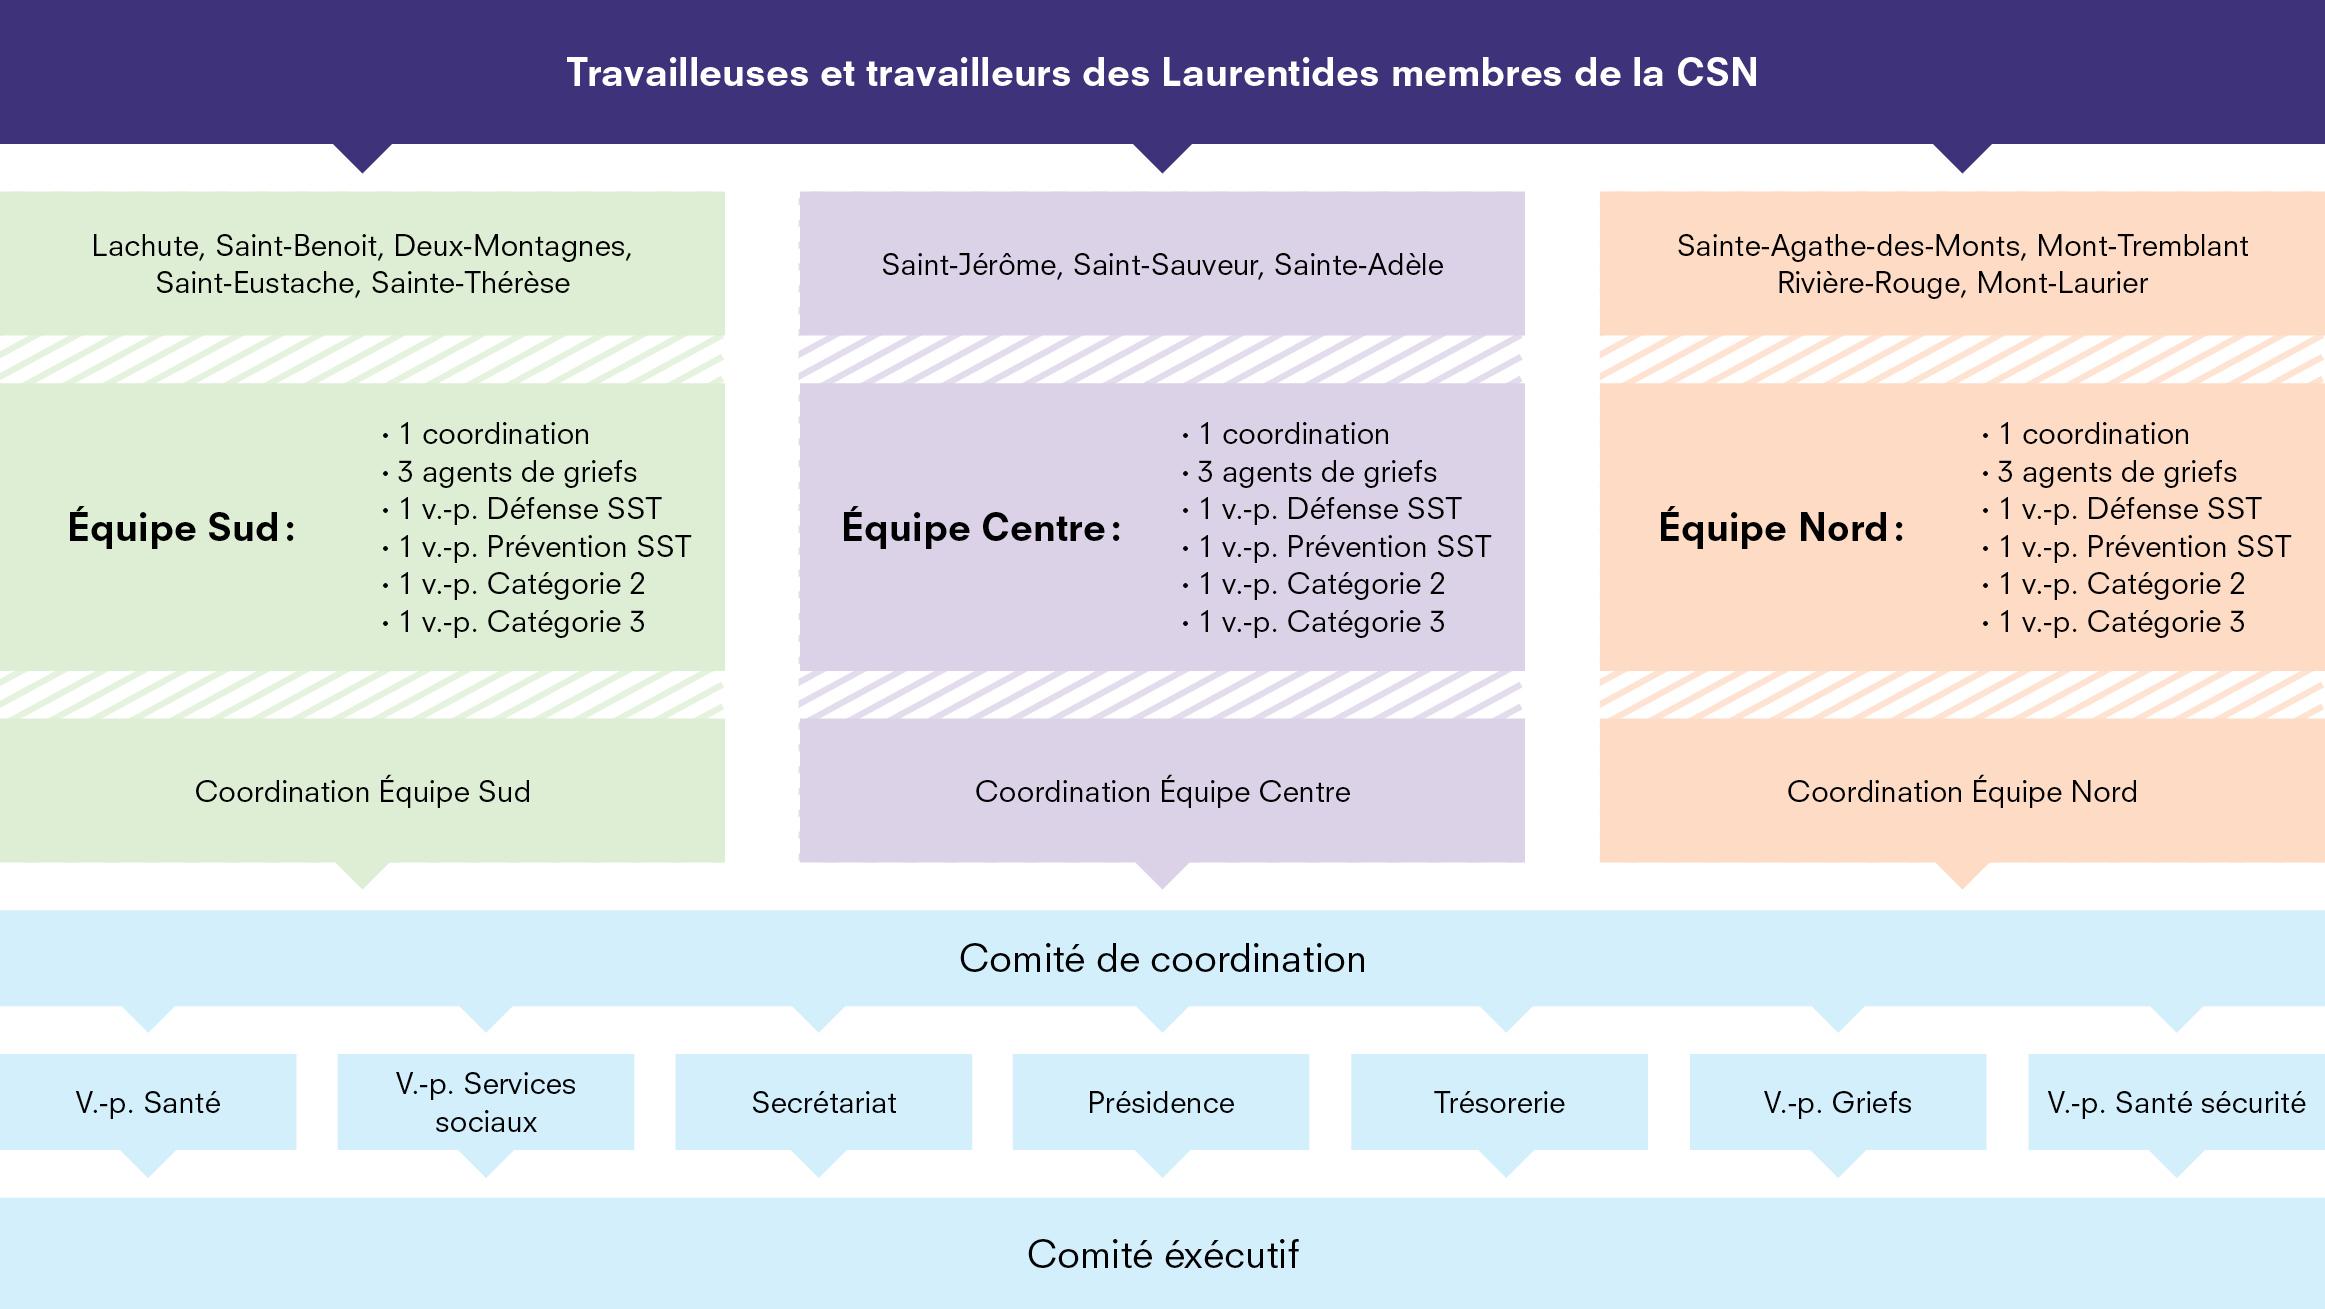 Syndicat des travailleuses et des travailleurs des Laurentides en santé et services sociaux - CSN